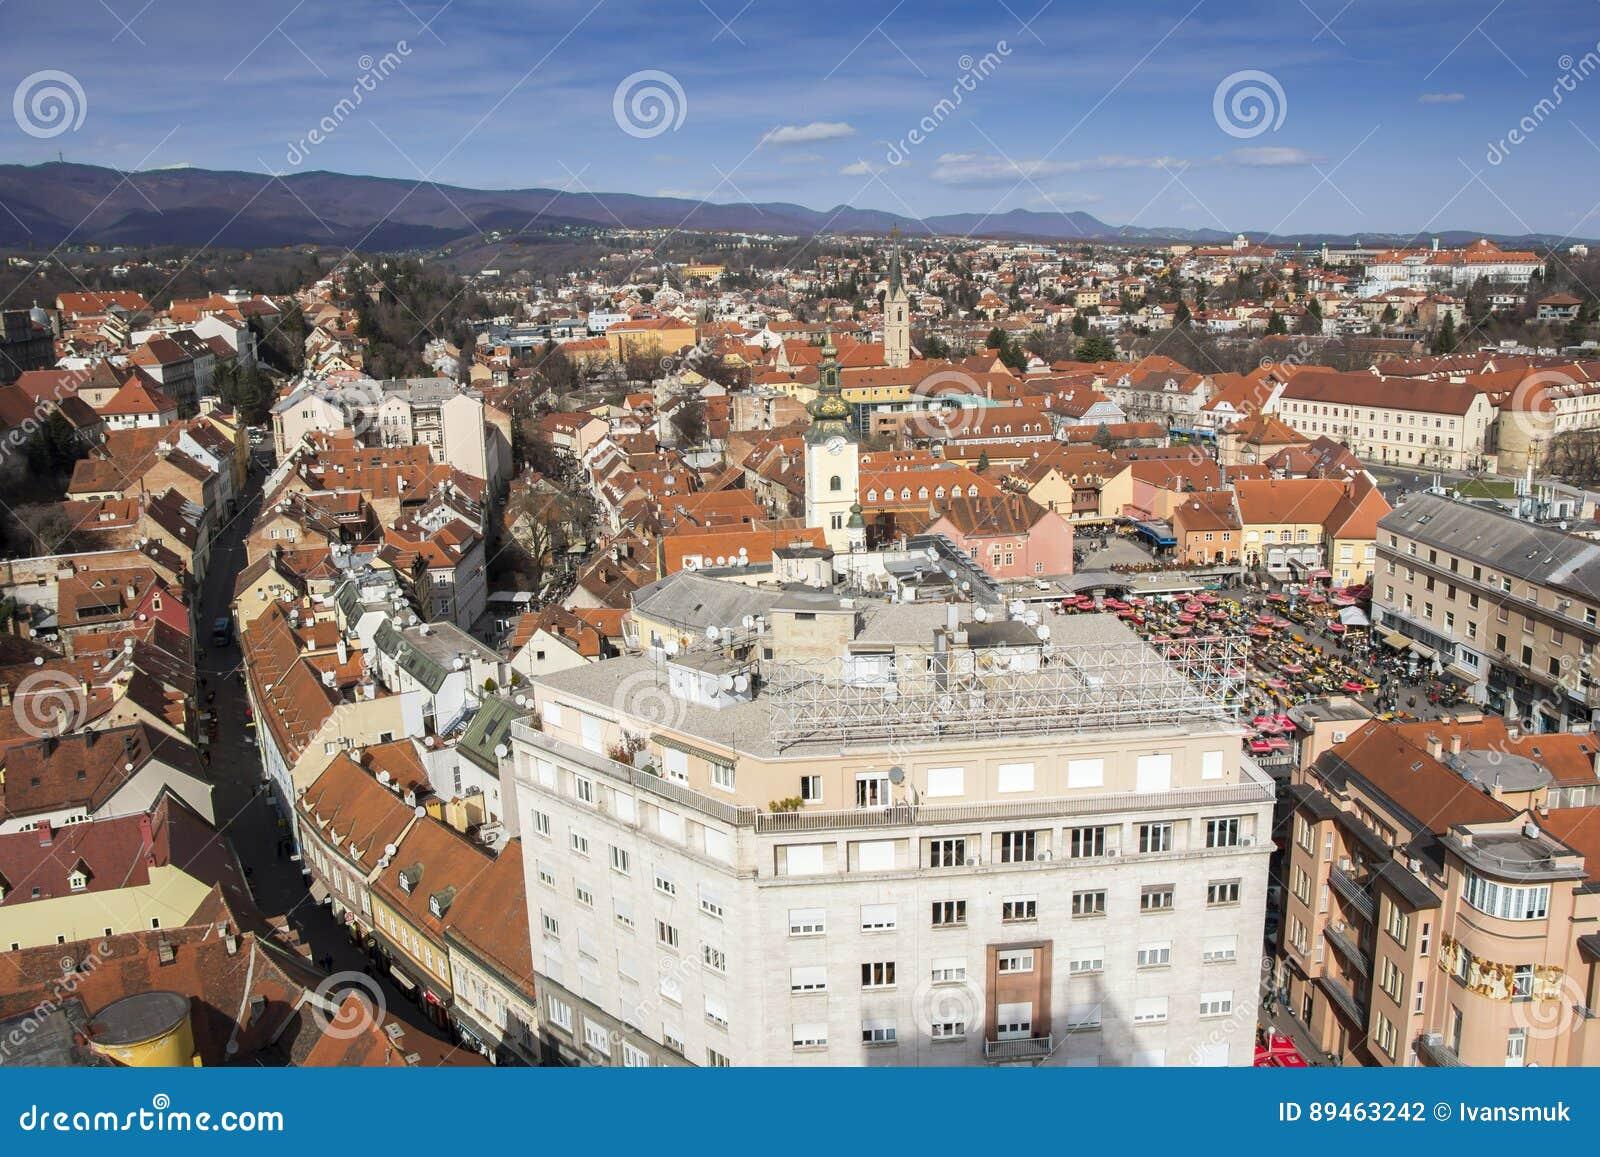 上部镇和Dolac市场的全景在萨格勒布